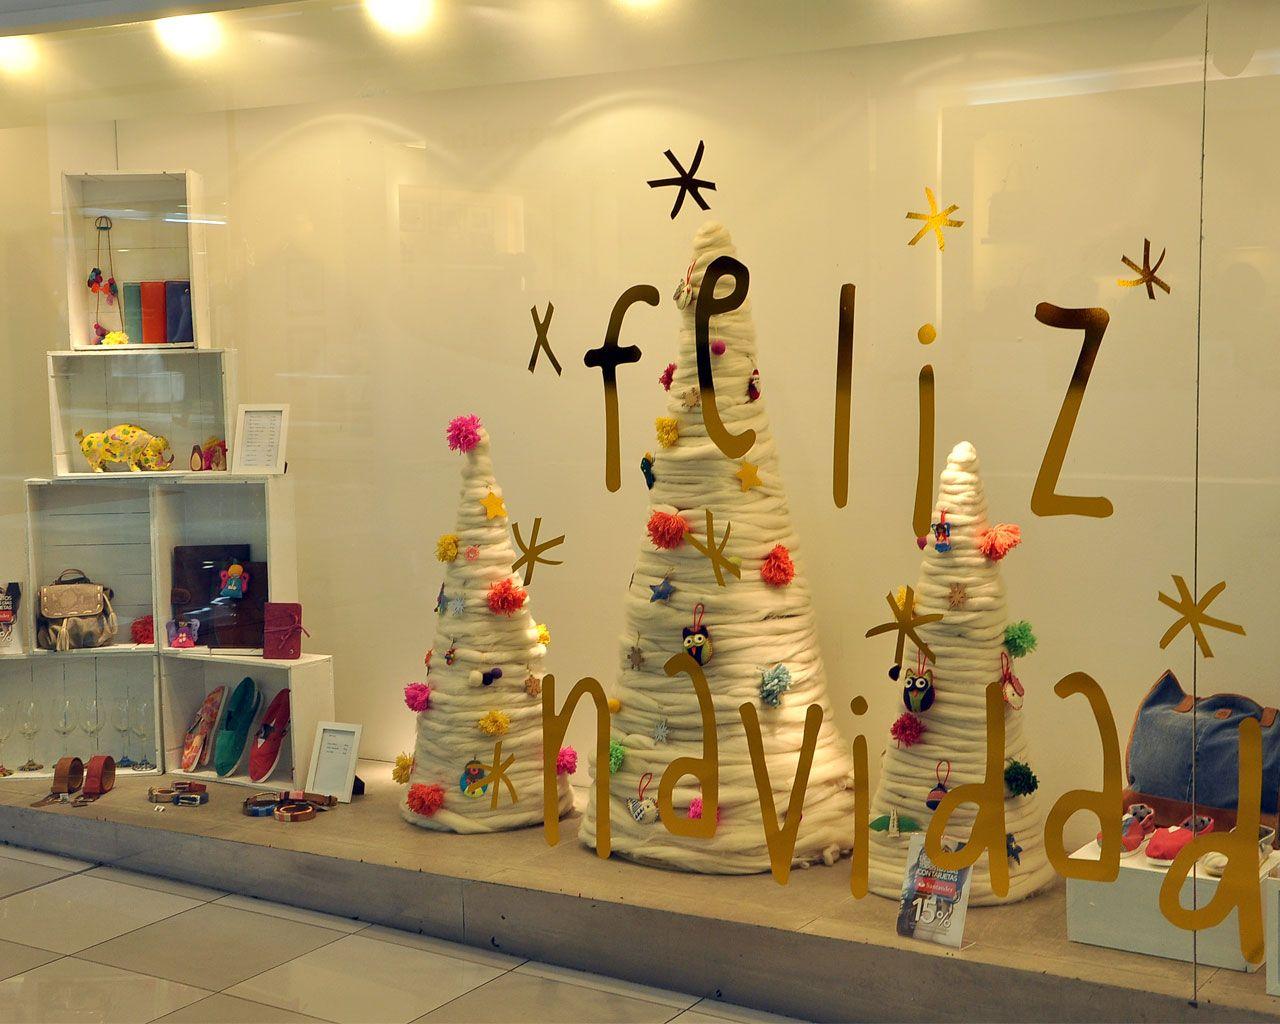 La navidad en las vidrieras de manos escaparates - Ideas originales navidad ...